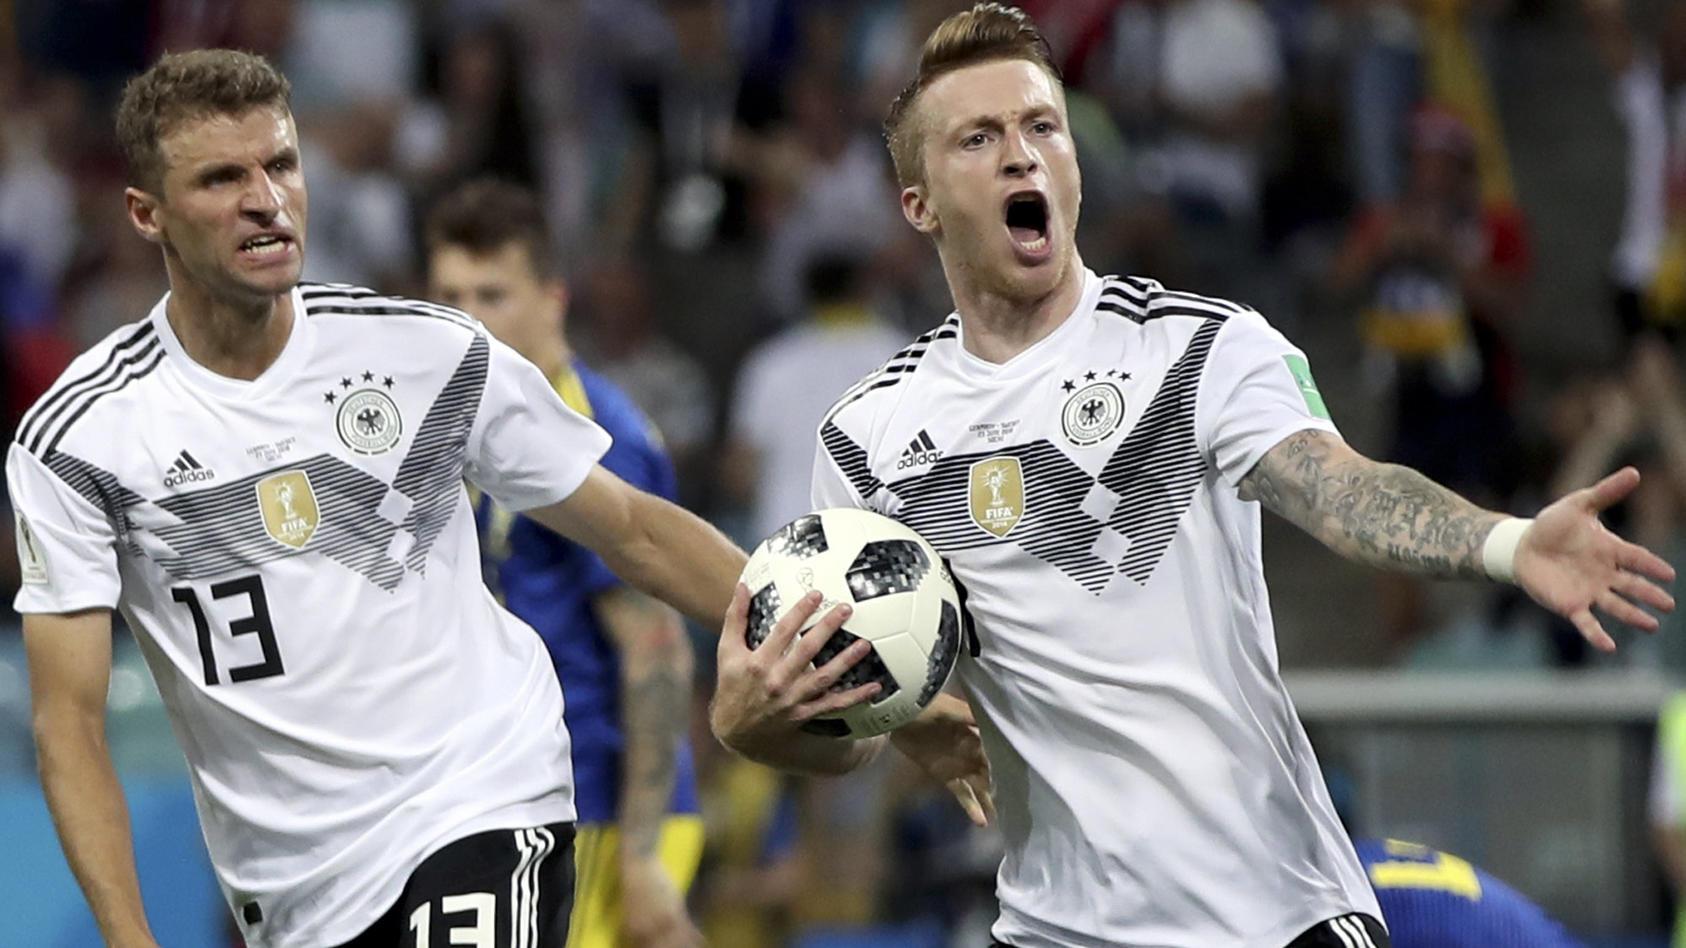 Marco Reus war ein entscheidender Faktor im deutschen Offensivspiel.